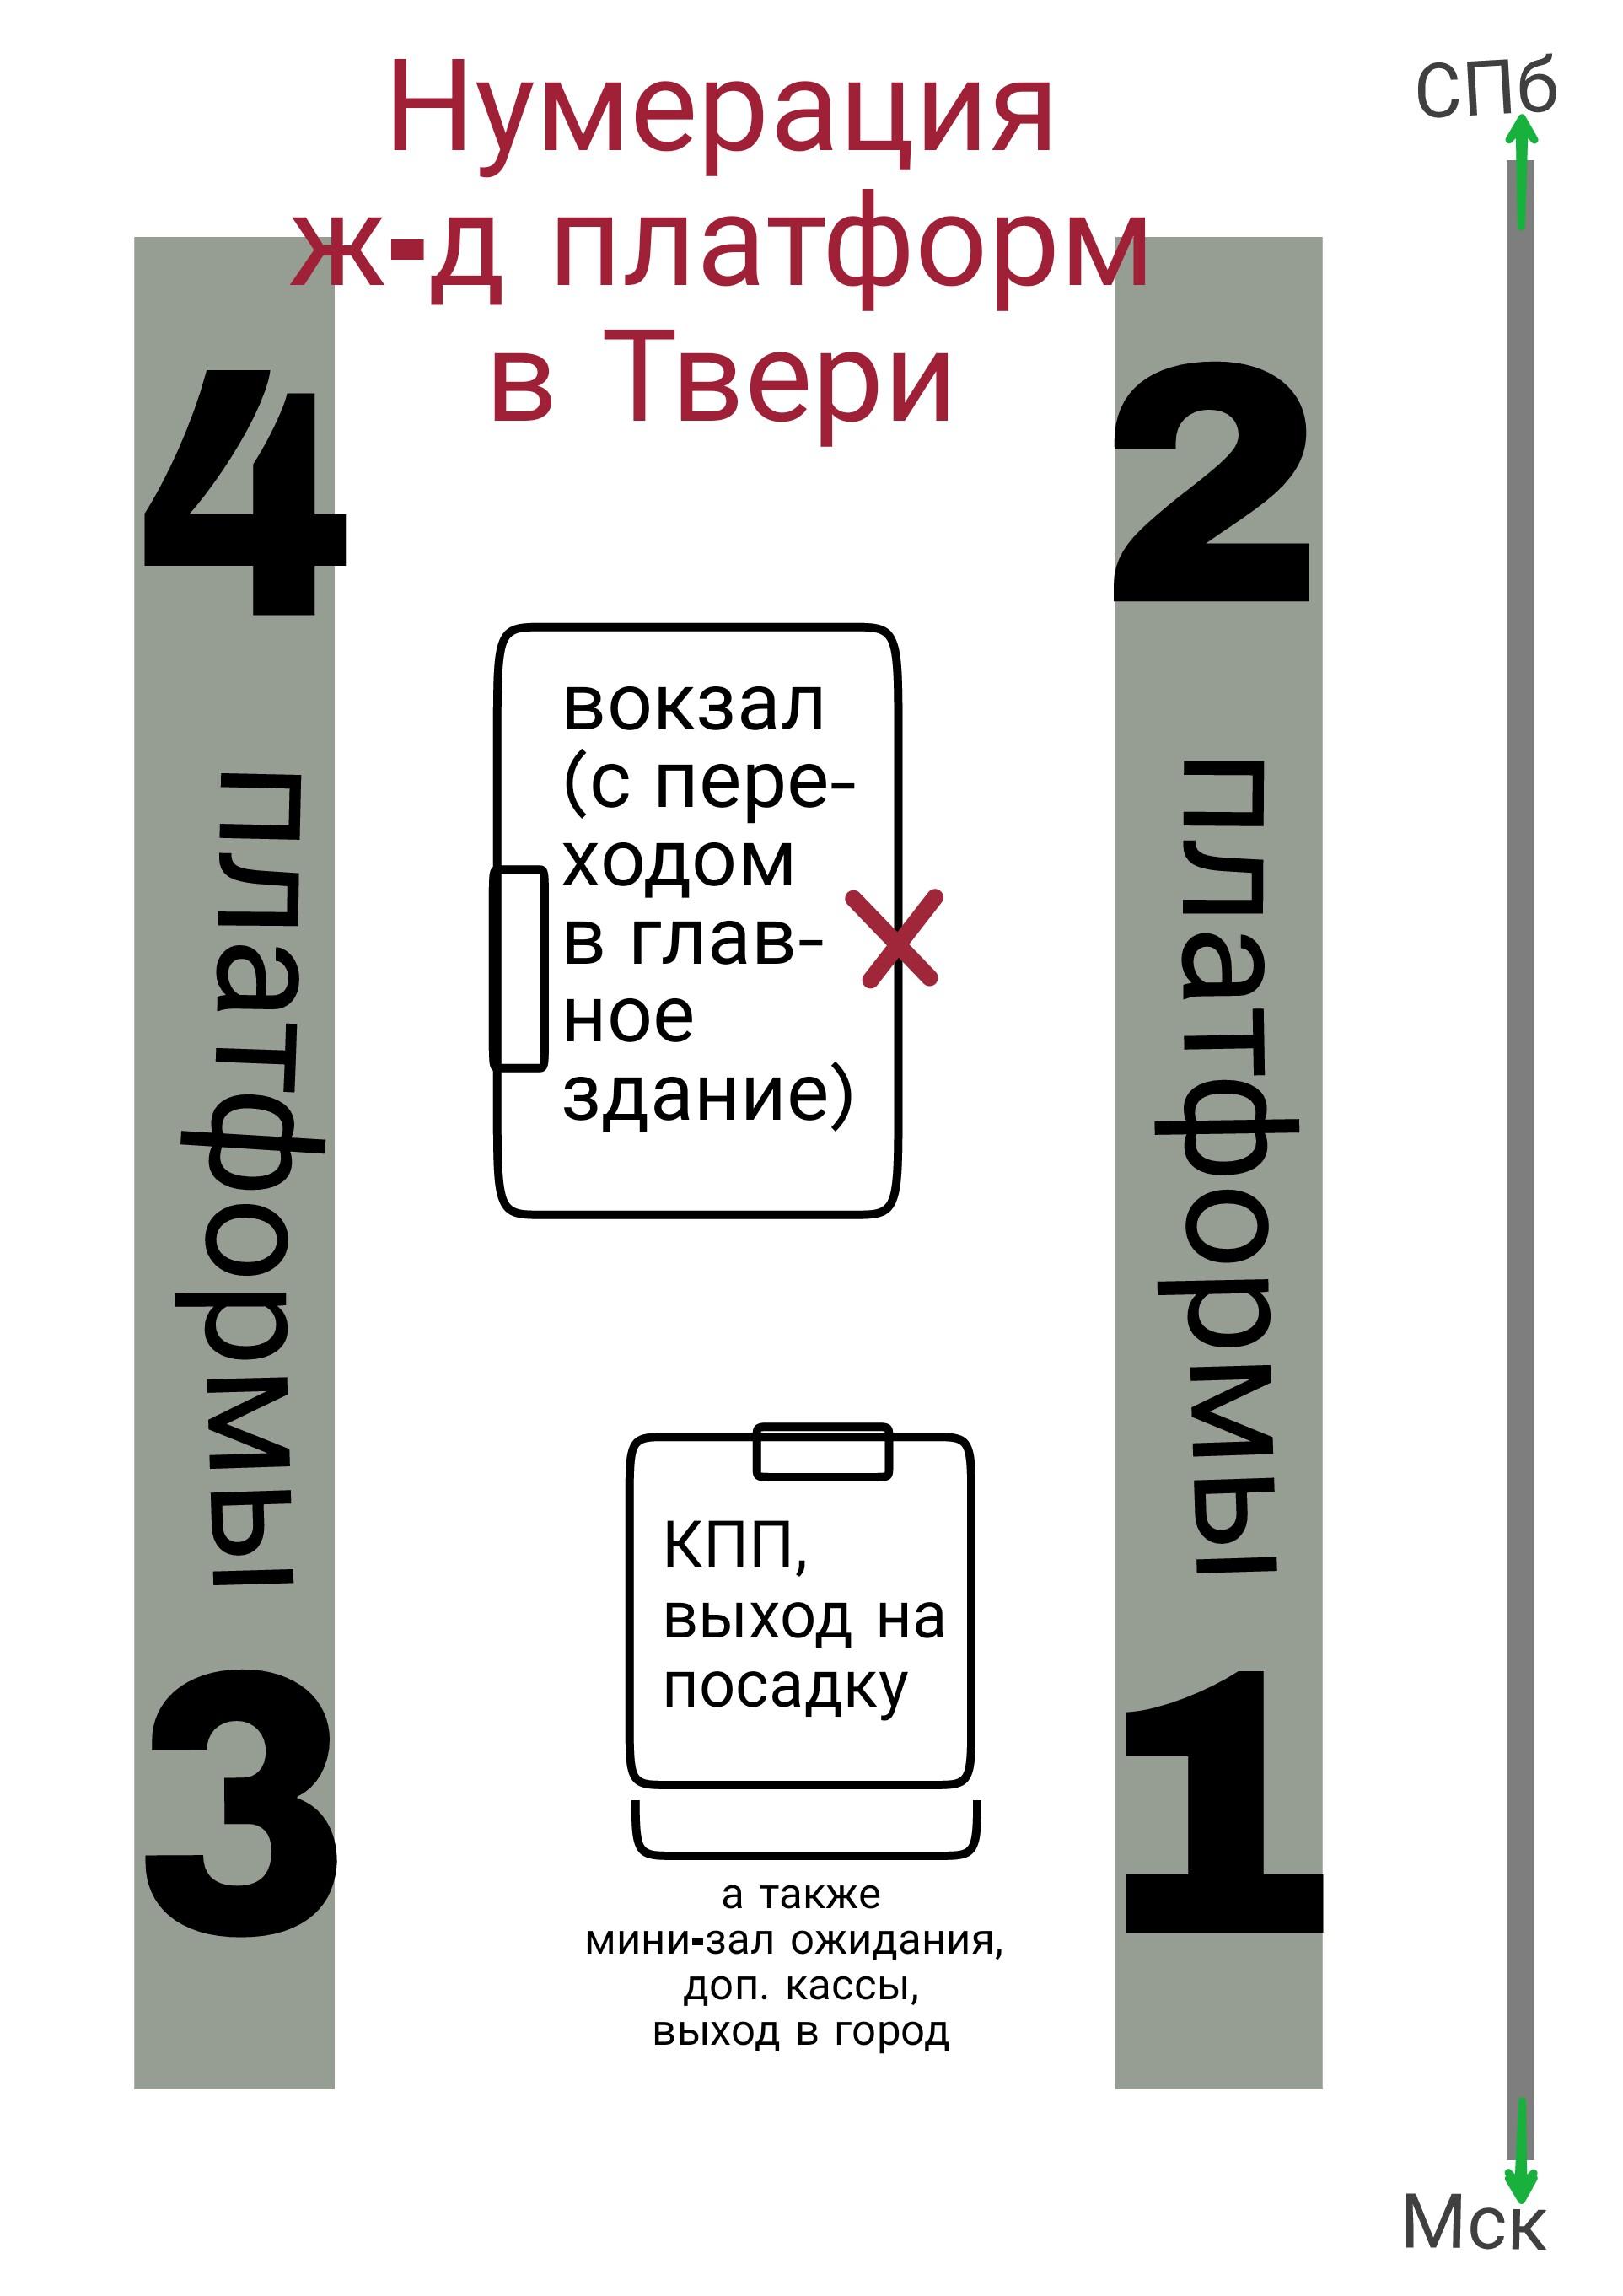 Нумерация платформ на ж-д вокзале в Твери, инфо от 1янв2020